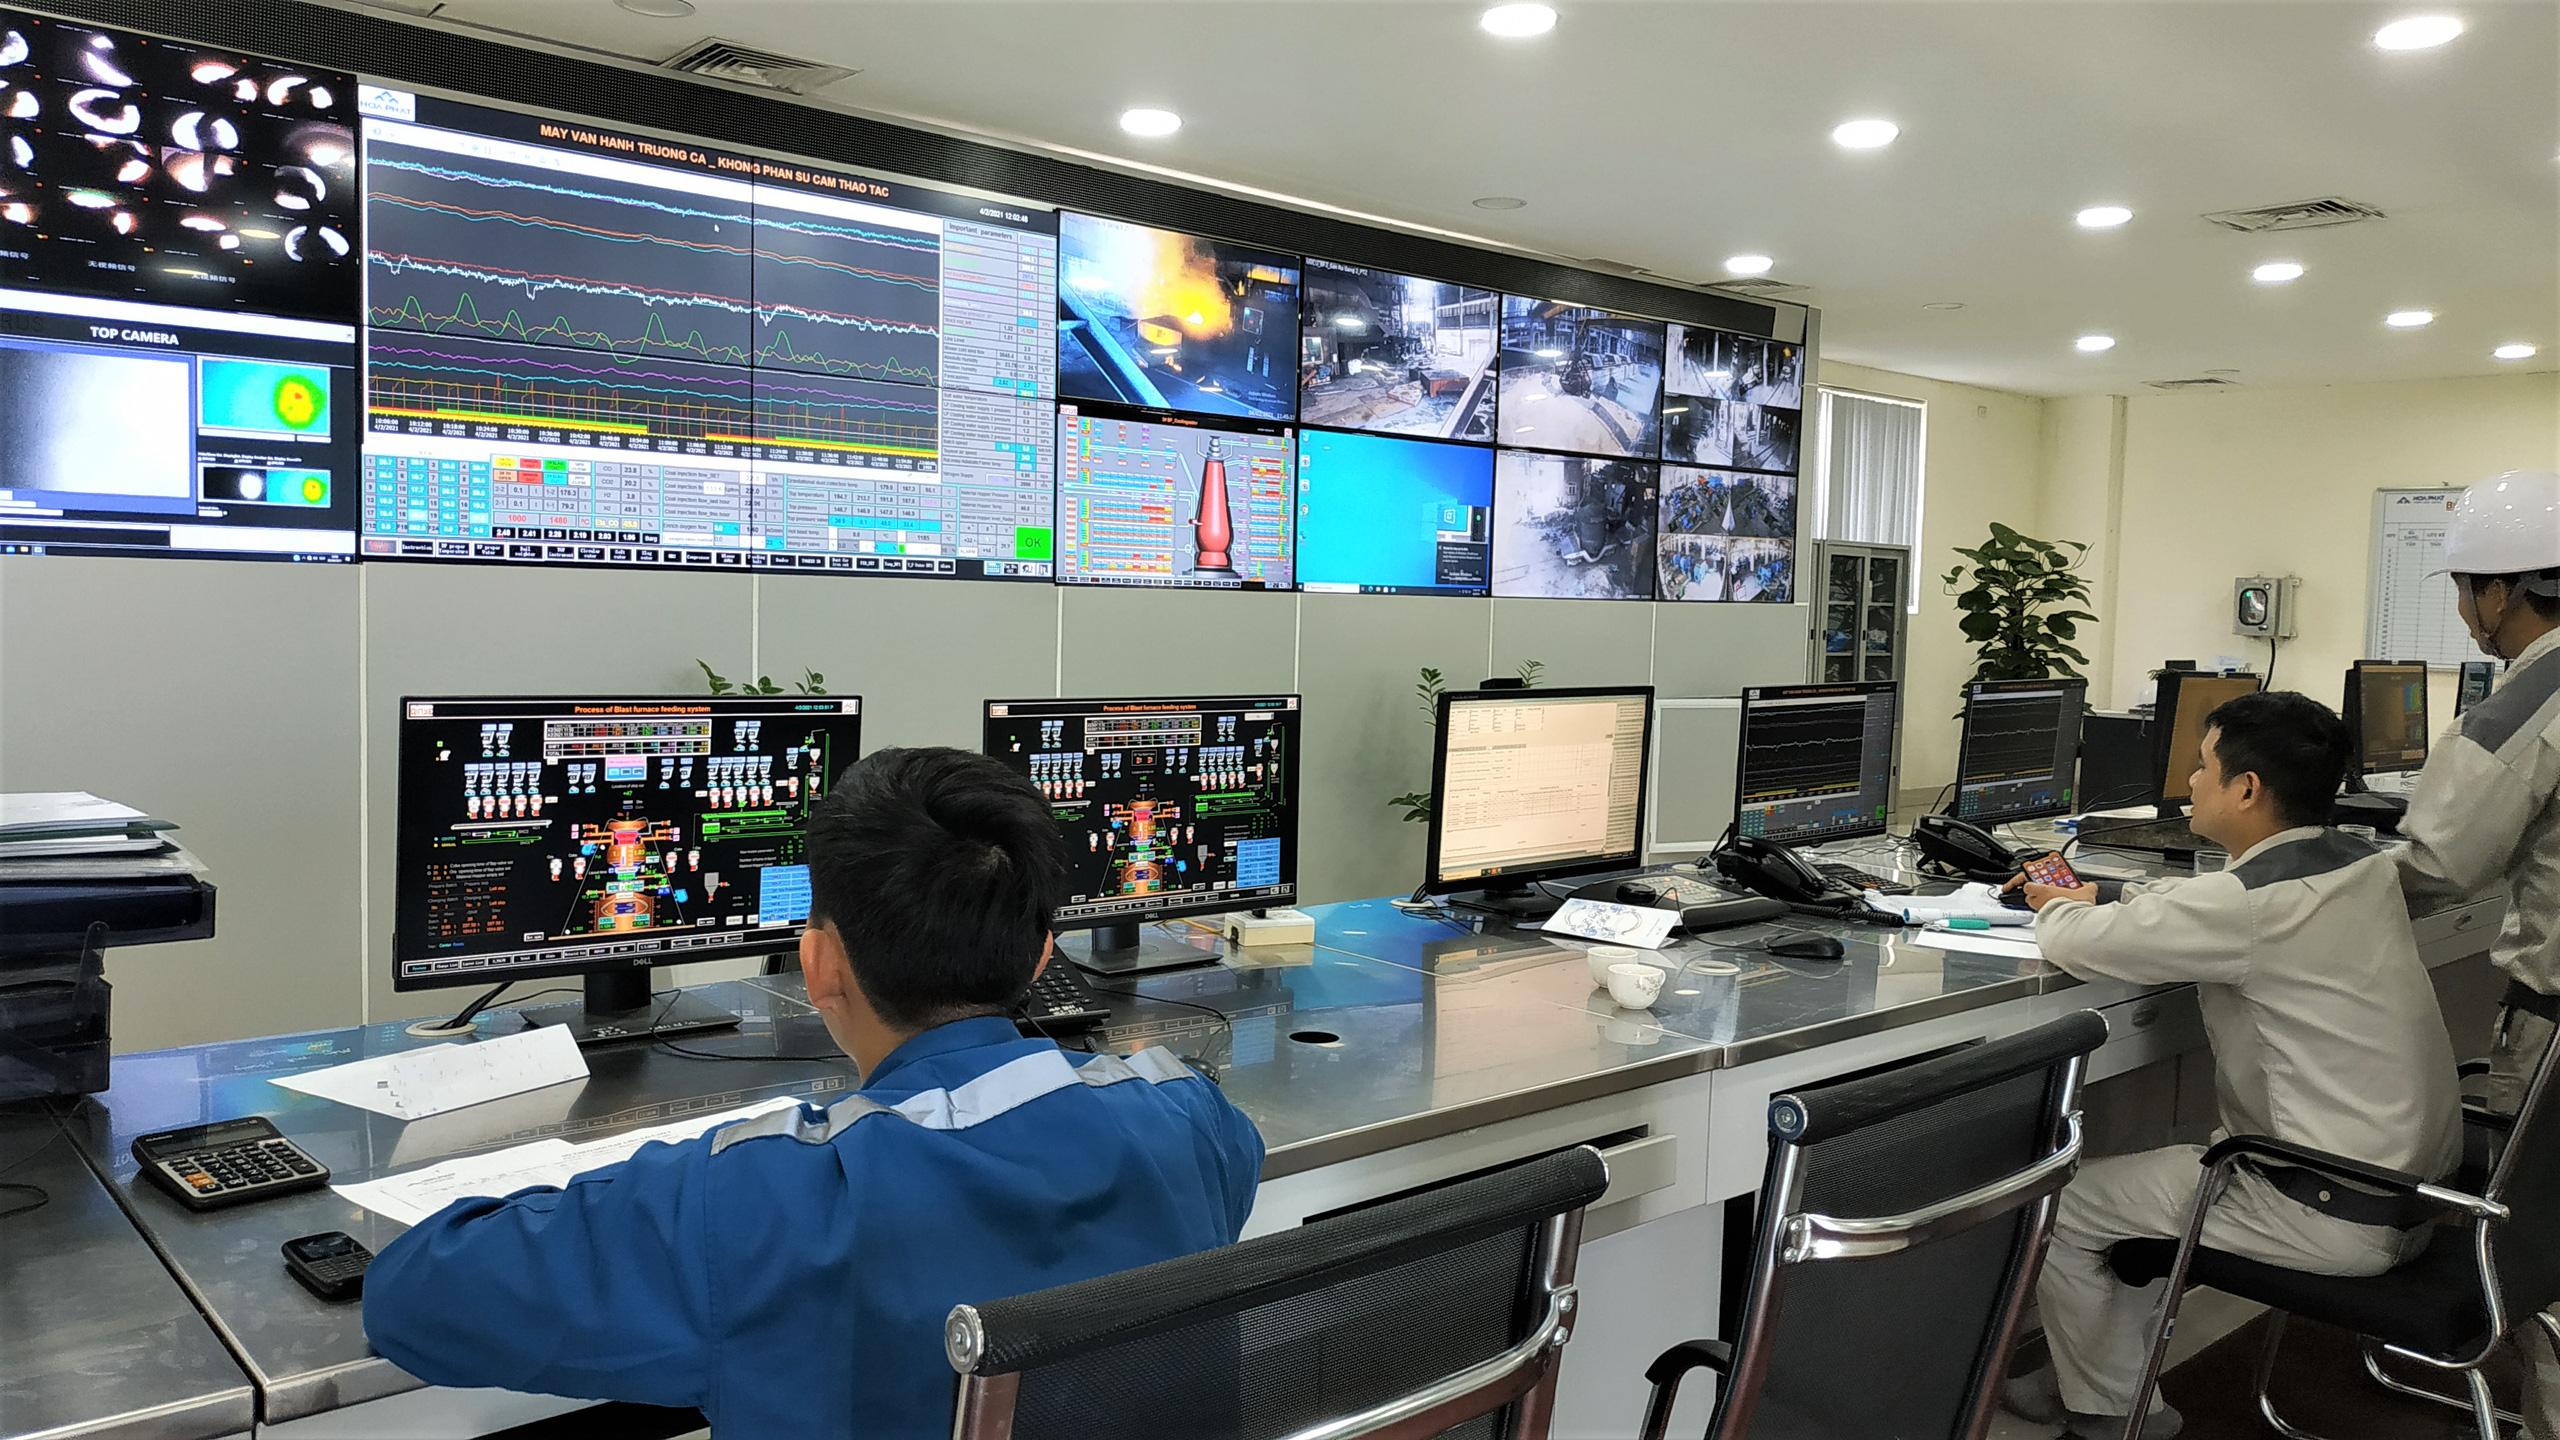 Hòa Phát, Formosa đứng thứ mấy thế giới về sản lượng thép? - Ảnh 1.